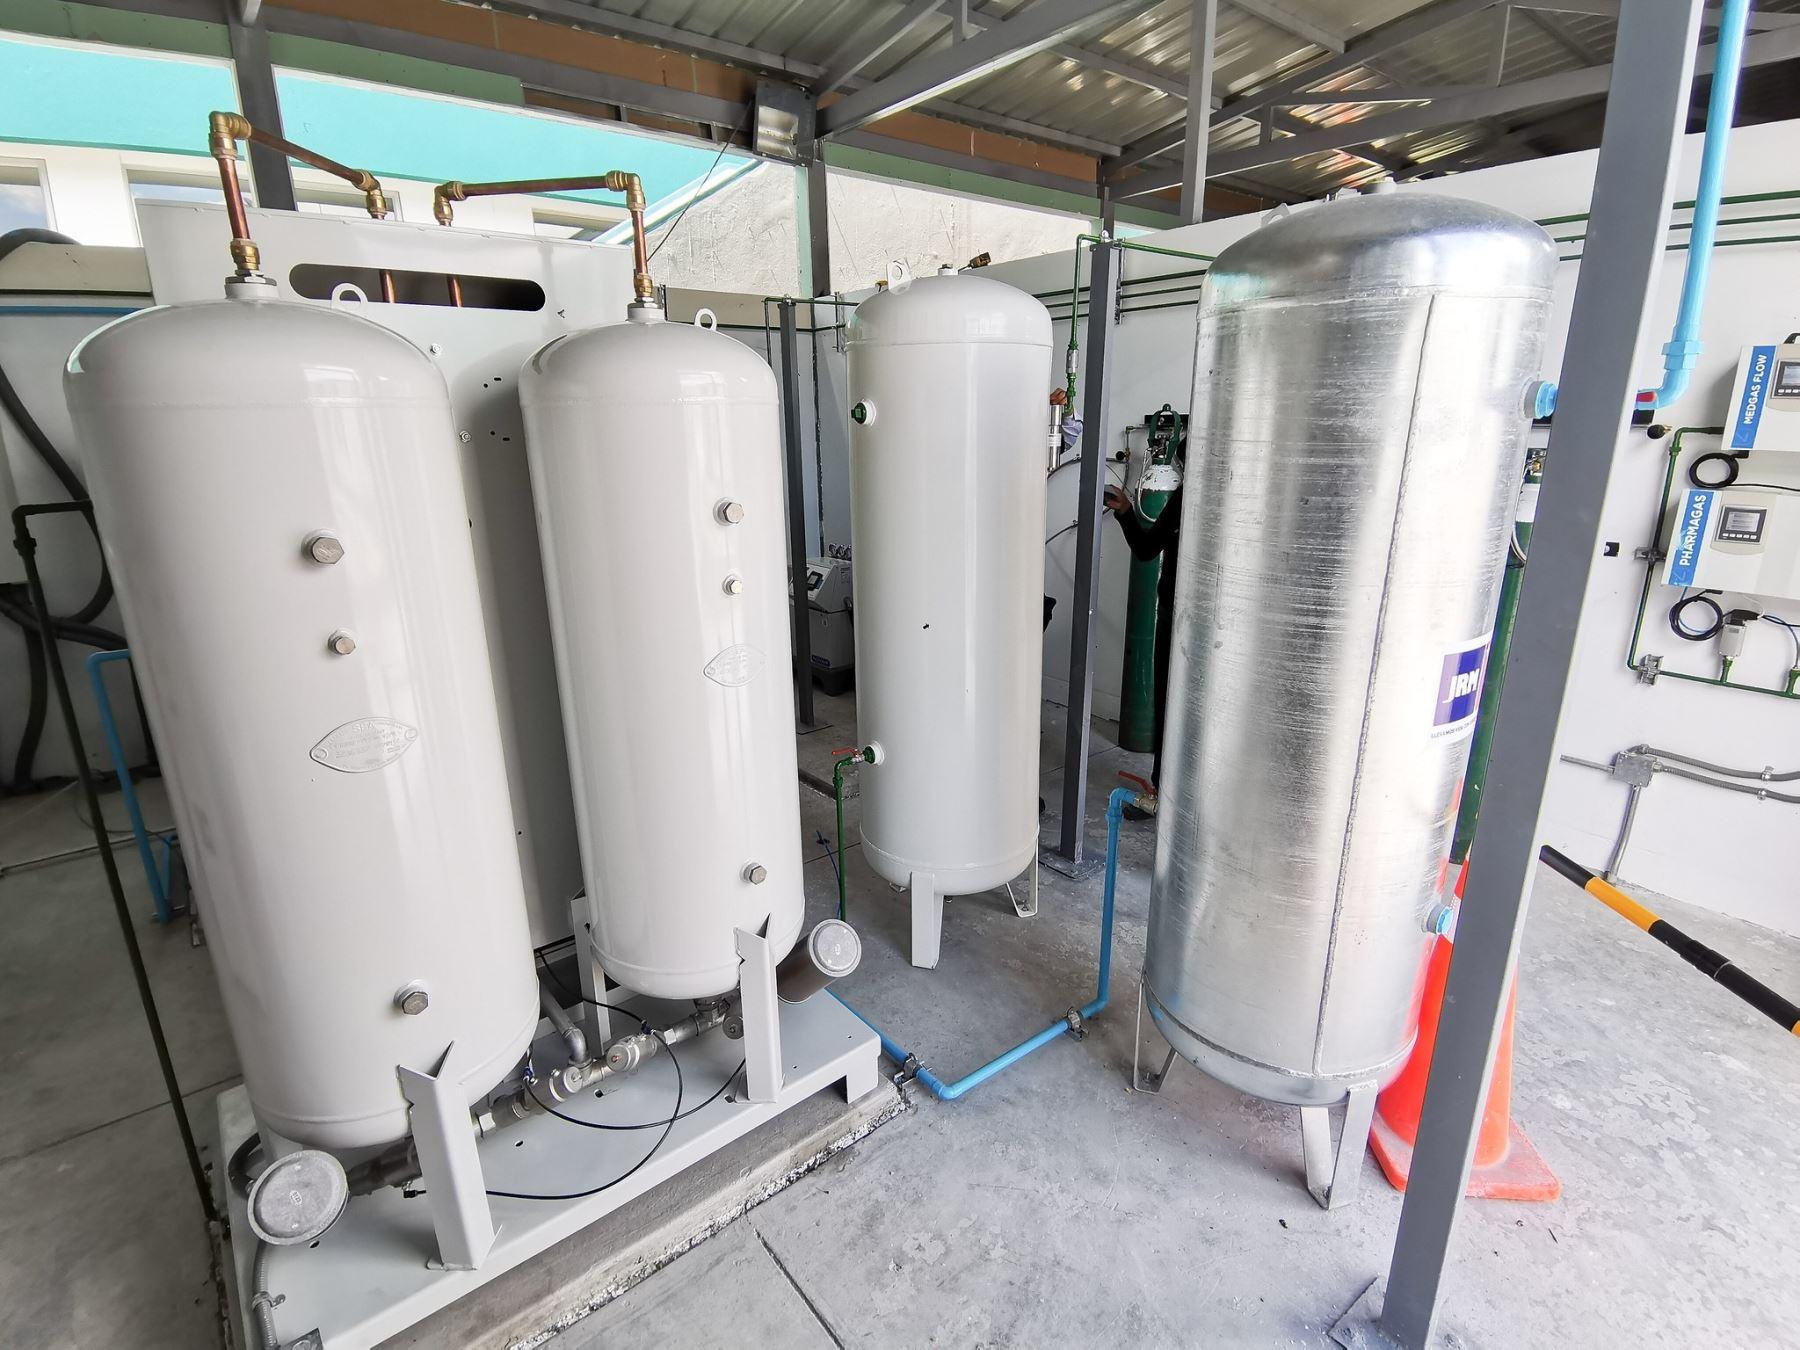 Empresarios de Ica se han unido y han iniciado una cruzada para comprar una planta de oxígeno para ayuda a los pacientes covid-19. ANDINA/Difusión